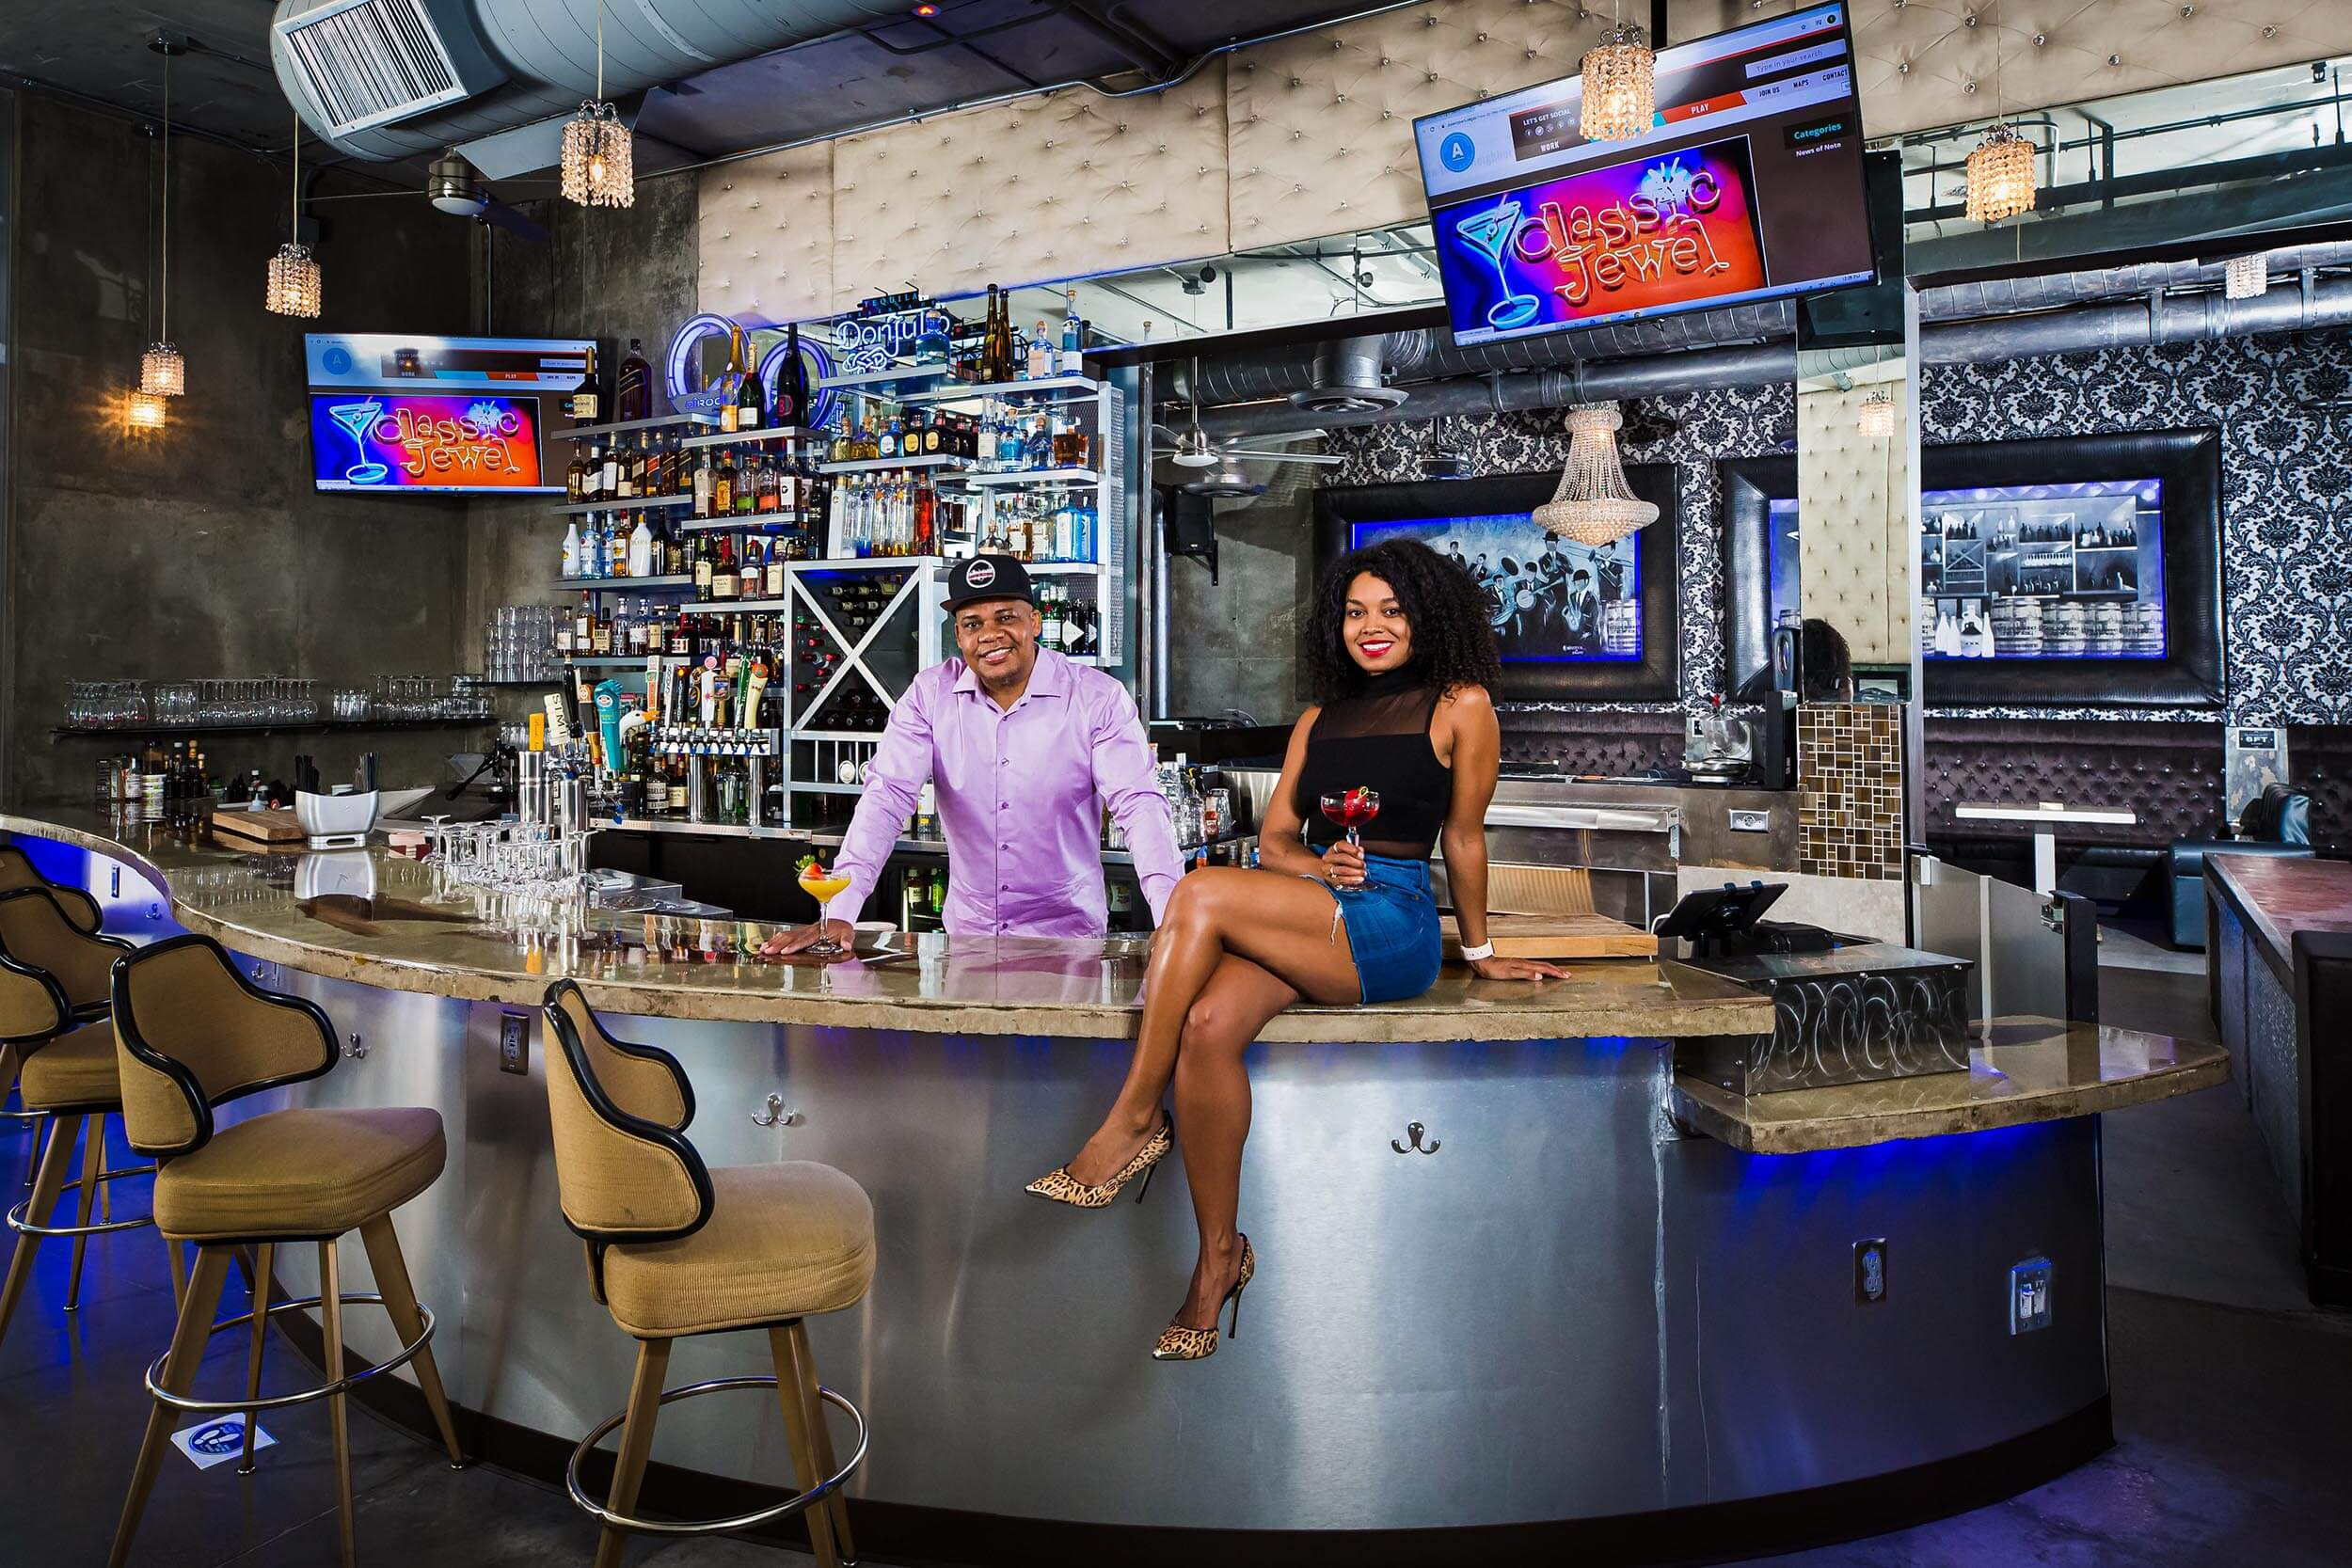 bartenders pose at bar